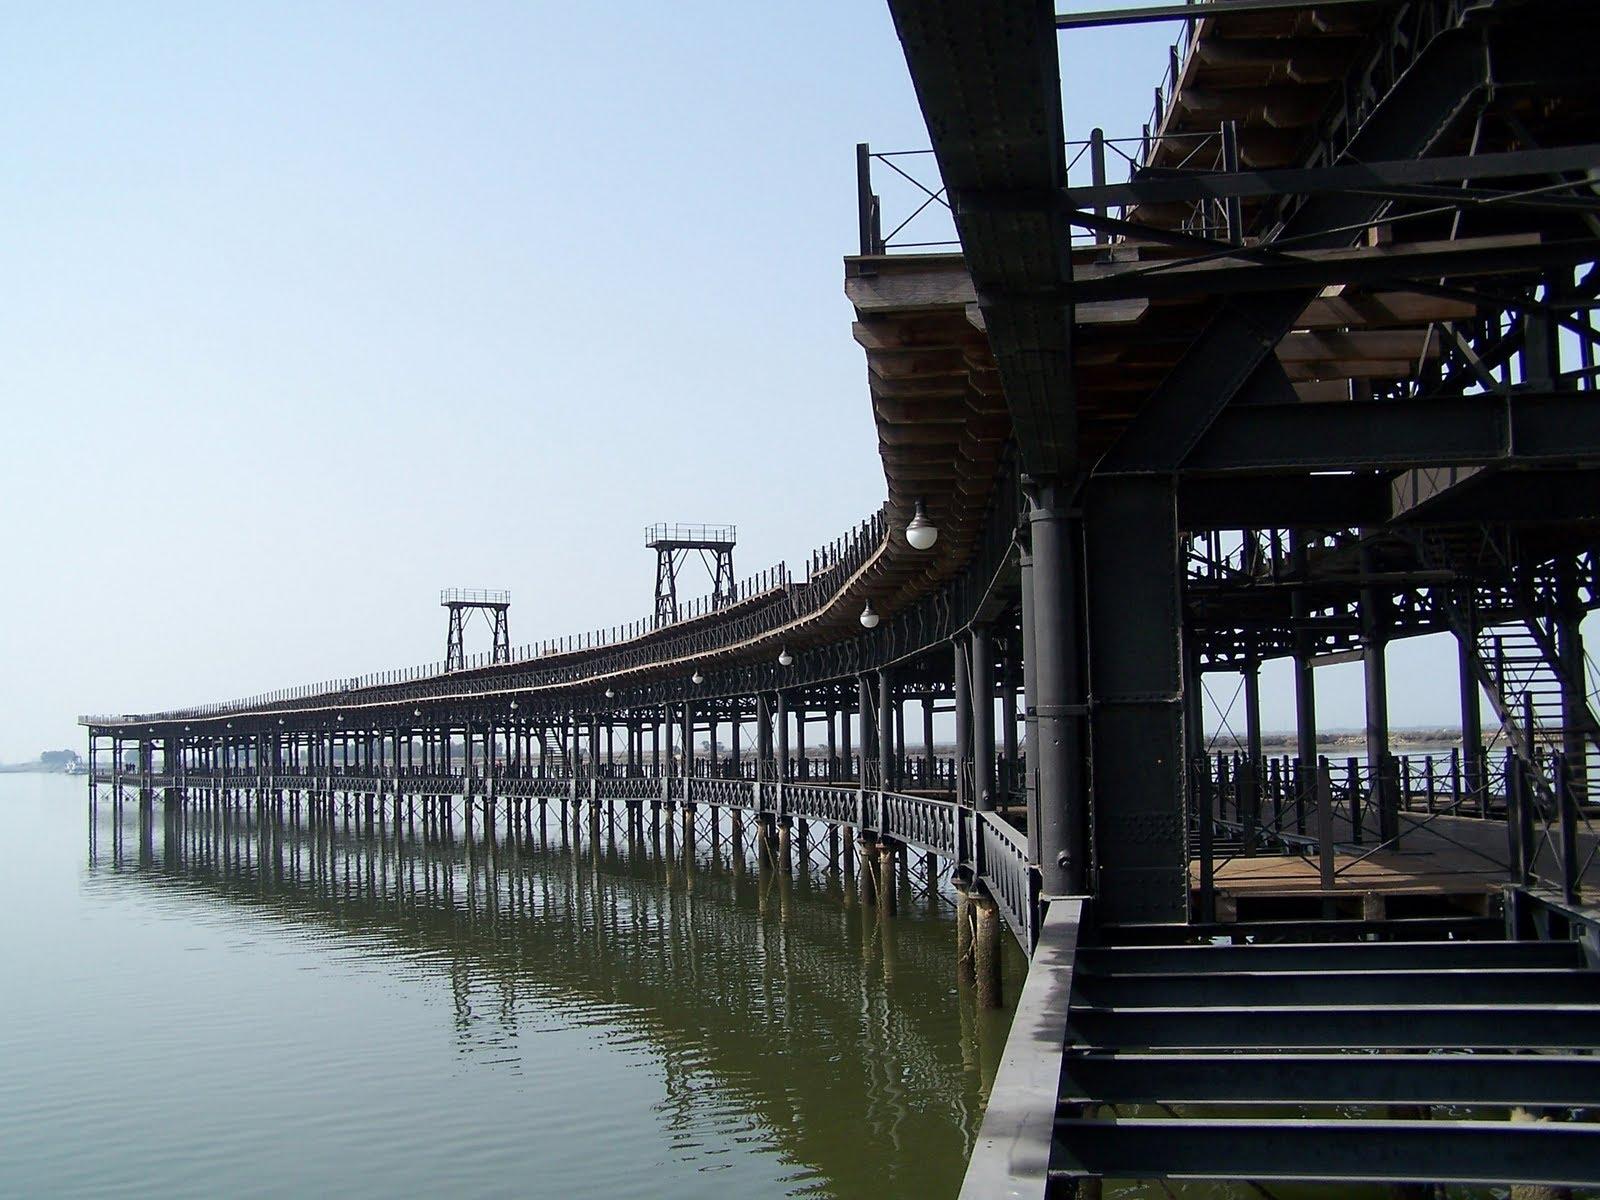 puente-pintura-1.jpg